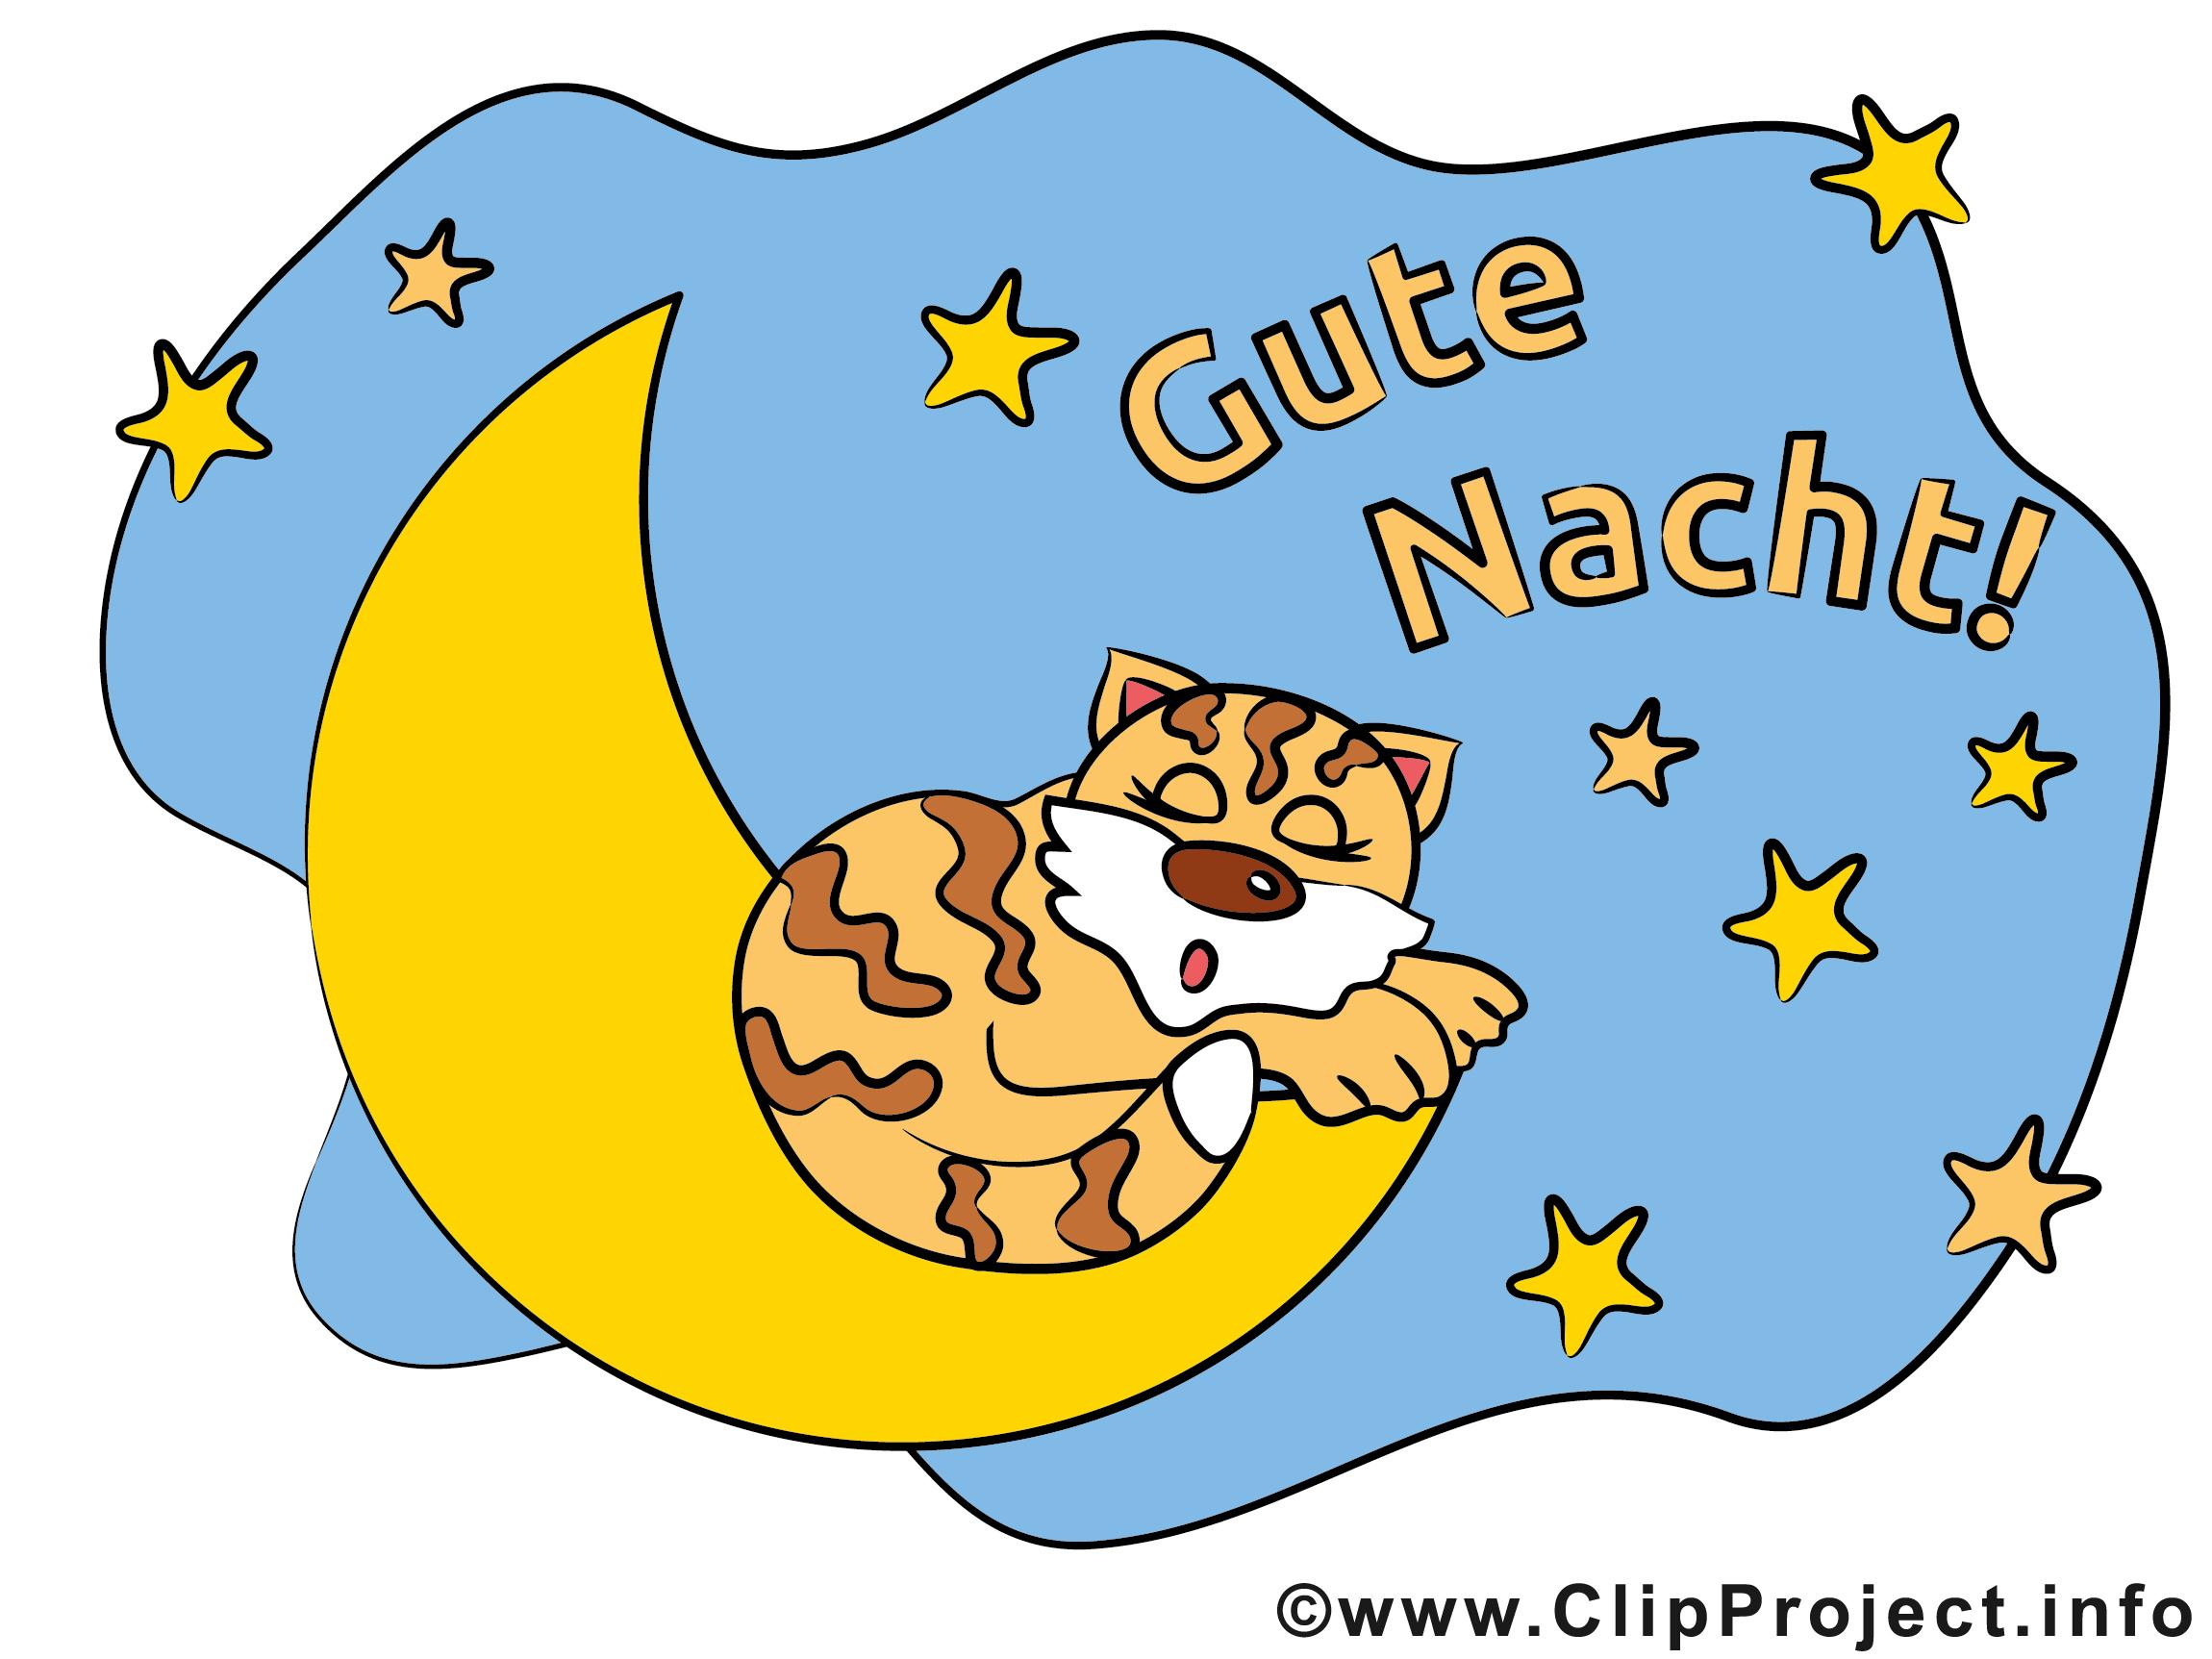 Clipart gute nacht png transparent library Gute Nacht Bilder, Cliparts, Cartoons, Grafiken, Illustrationen ... png transparent library